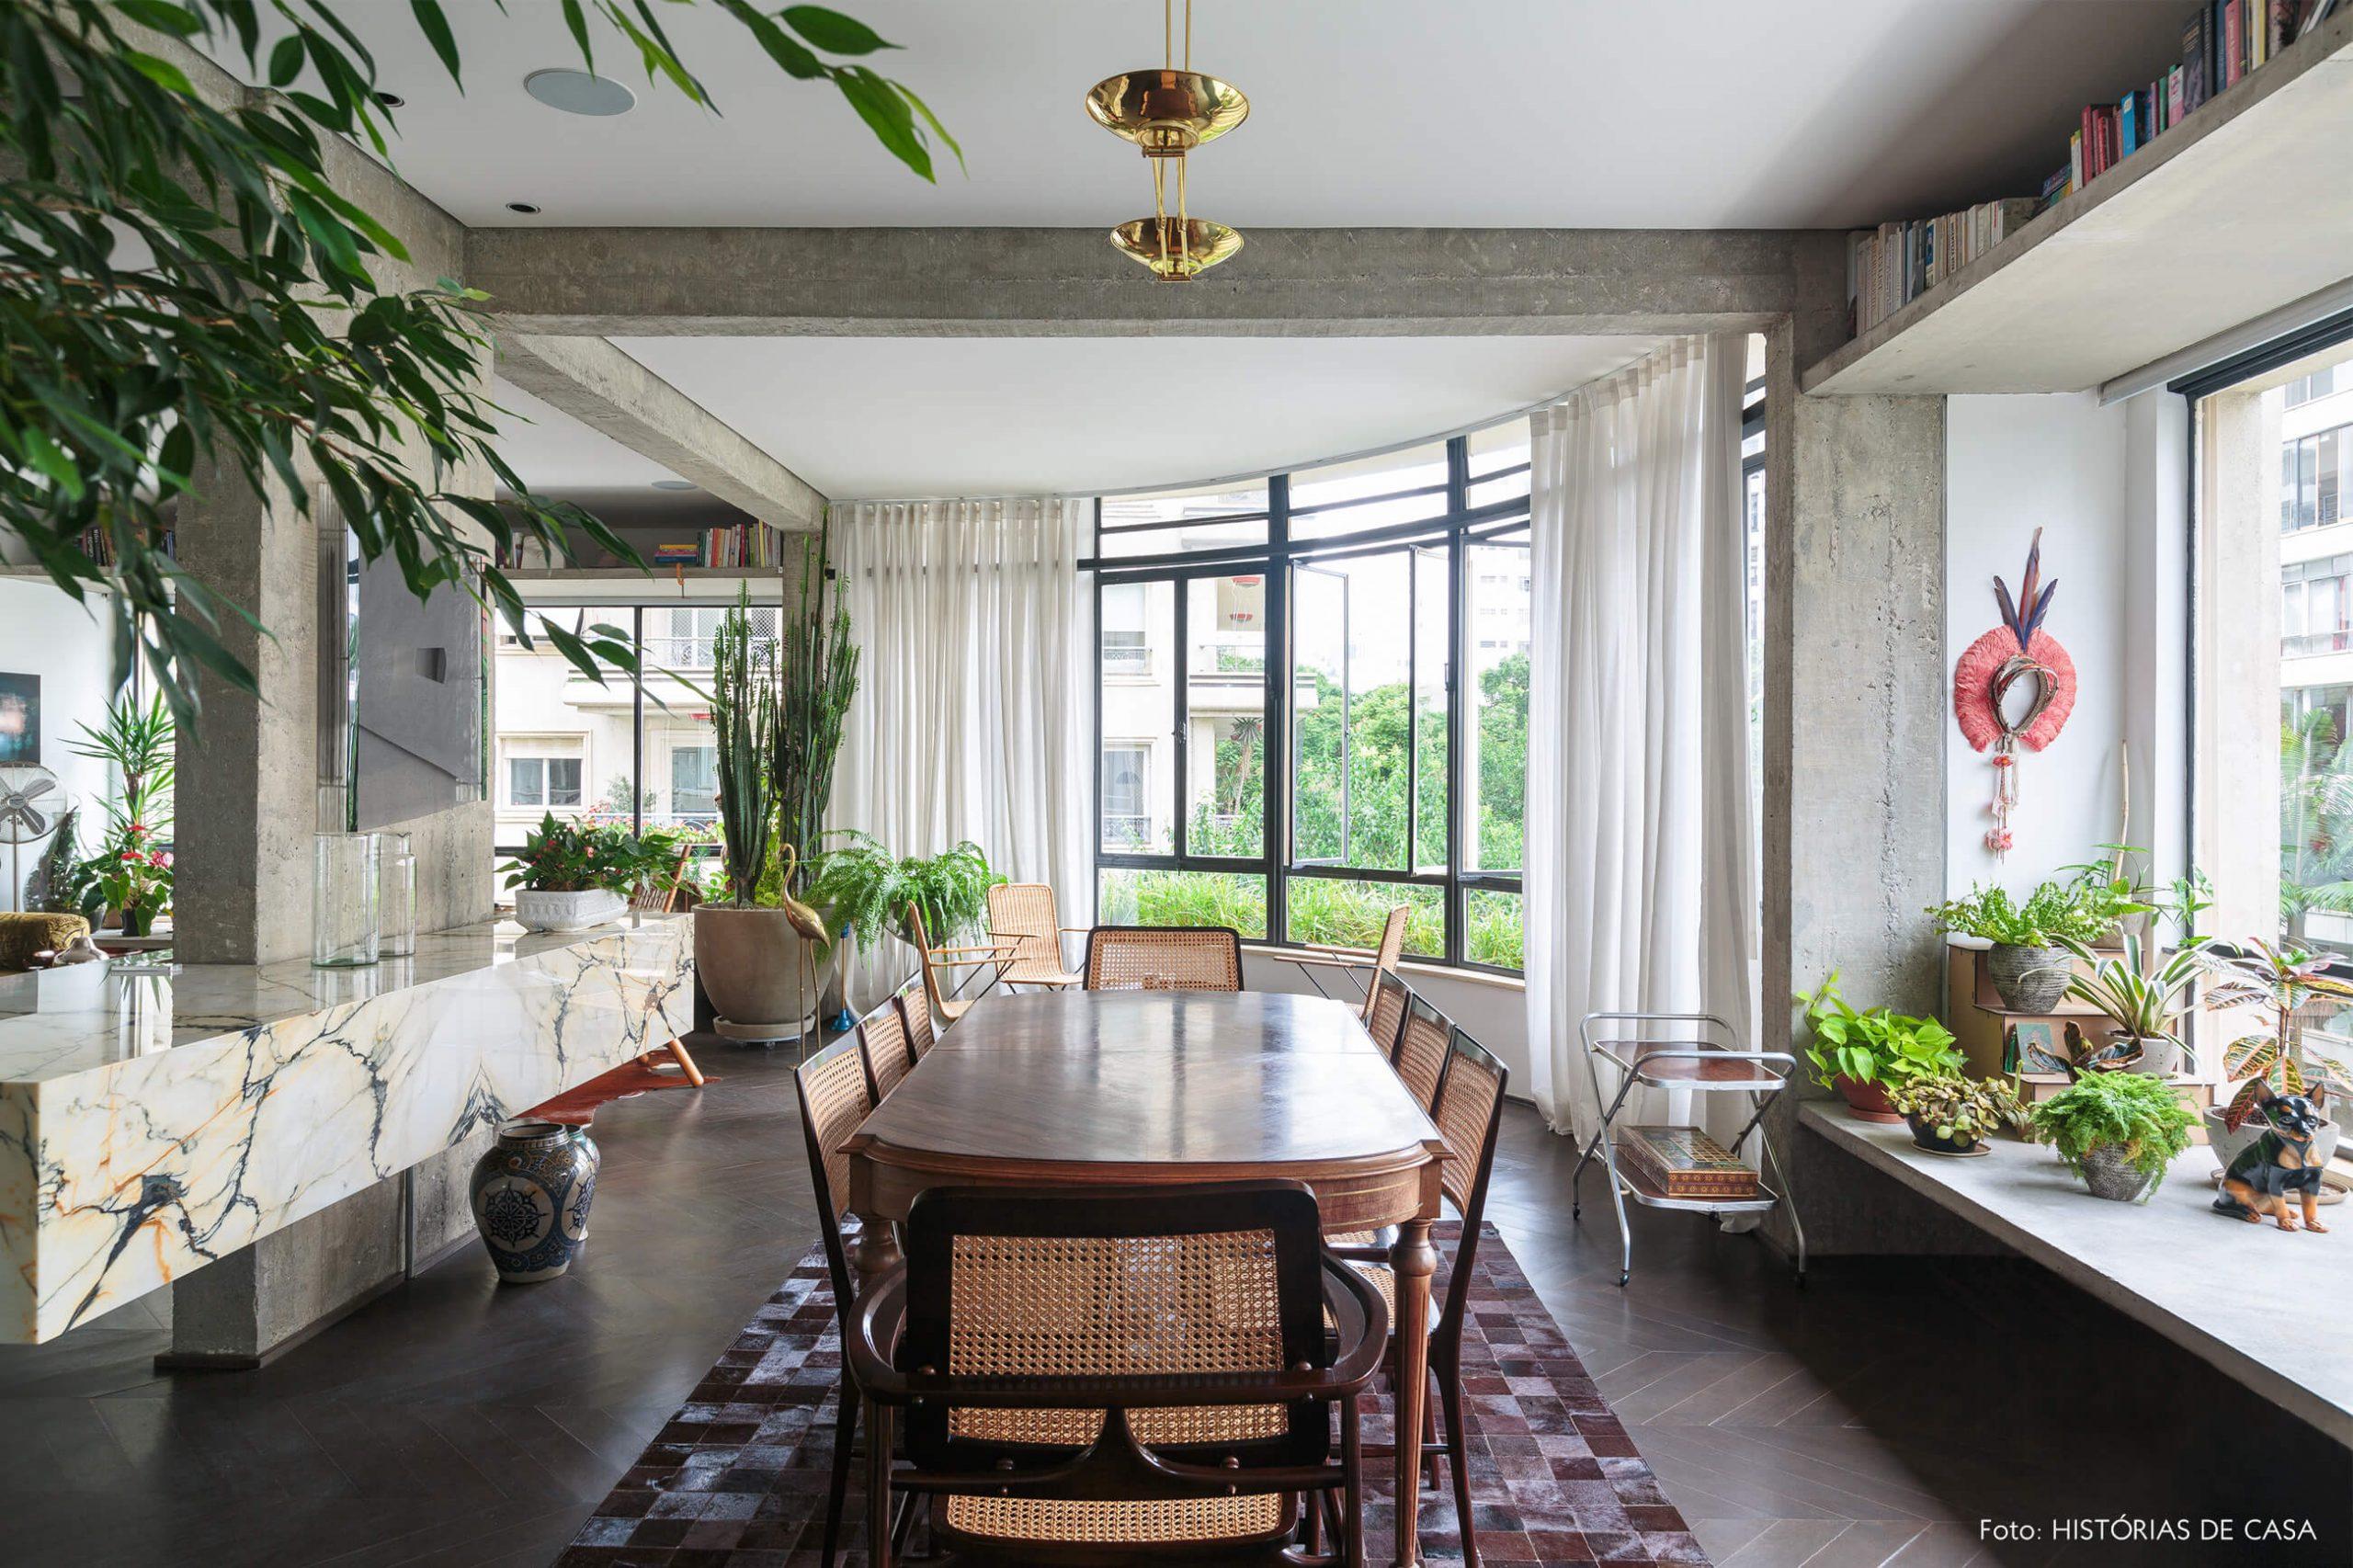 decoração ap sala jantar com cadeiras de palhinha, bancada de mármore e coluna de concreto